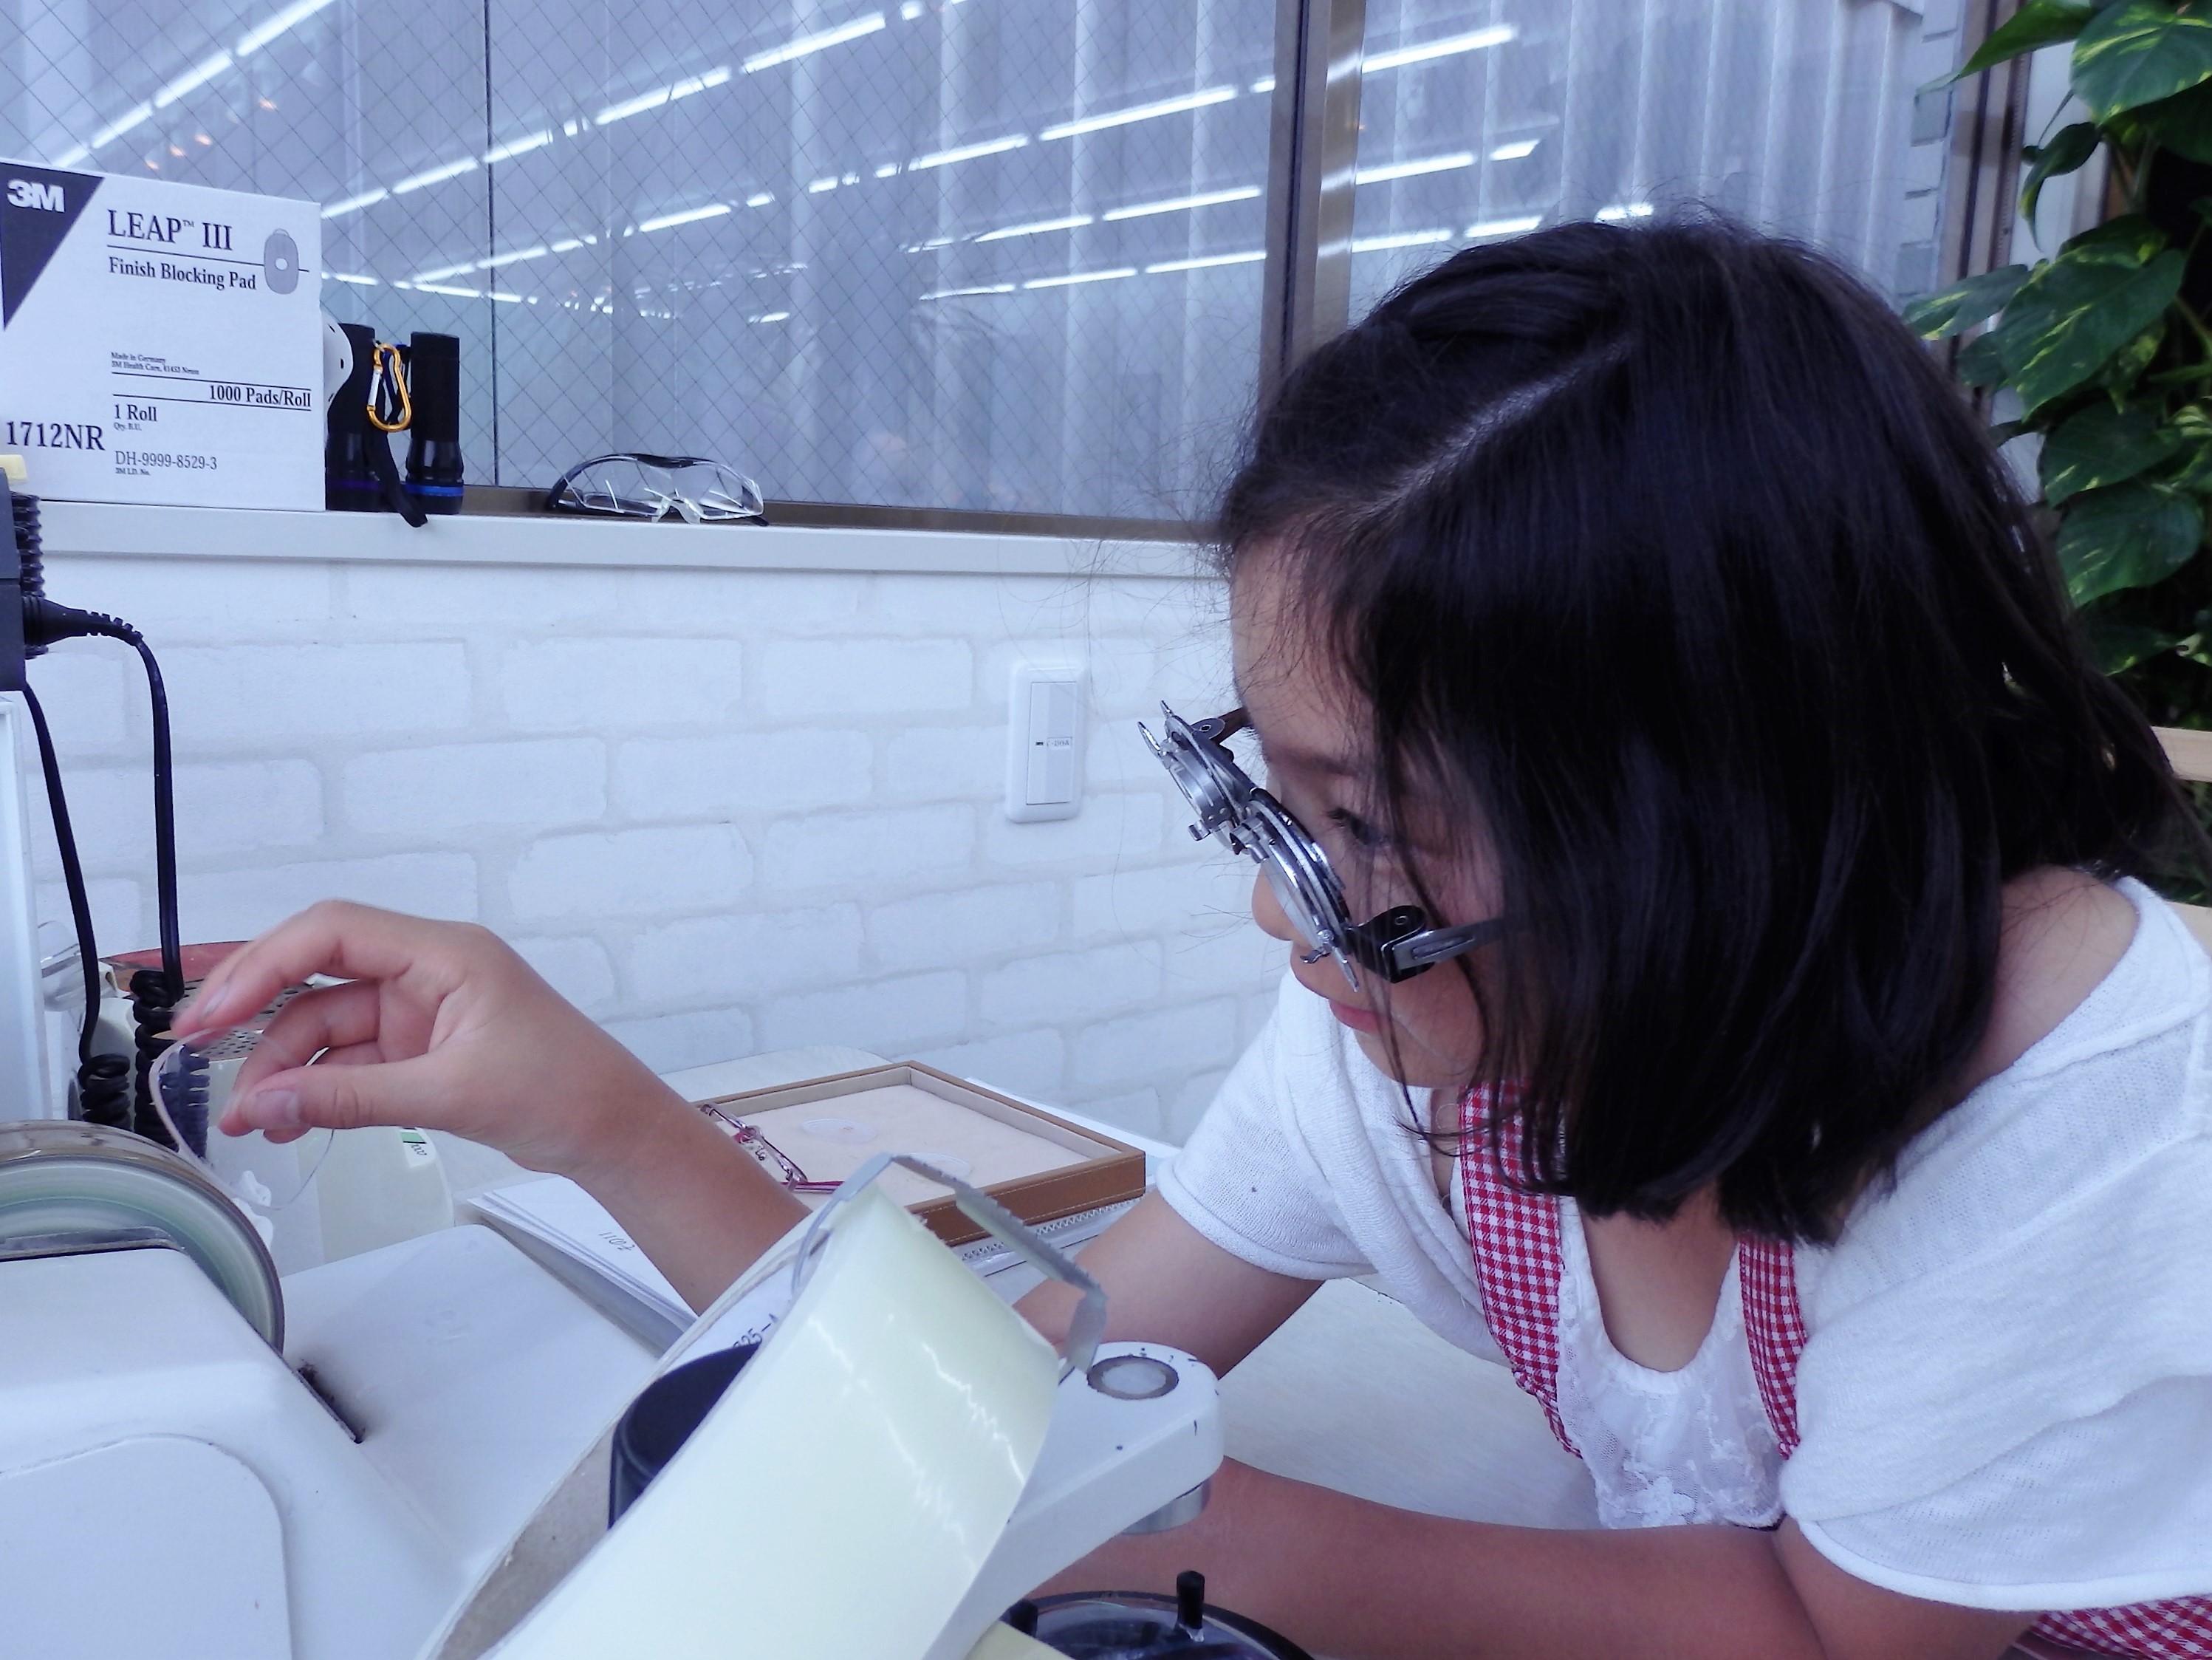 東京 都内 江戸川区 こどもメガネ 職場体験 保証付き